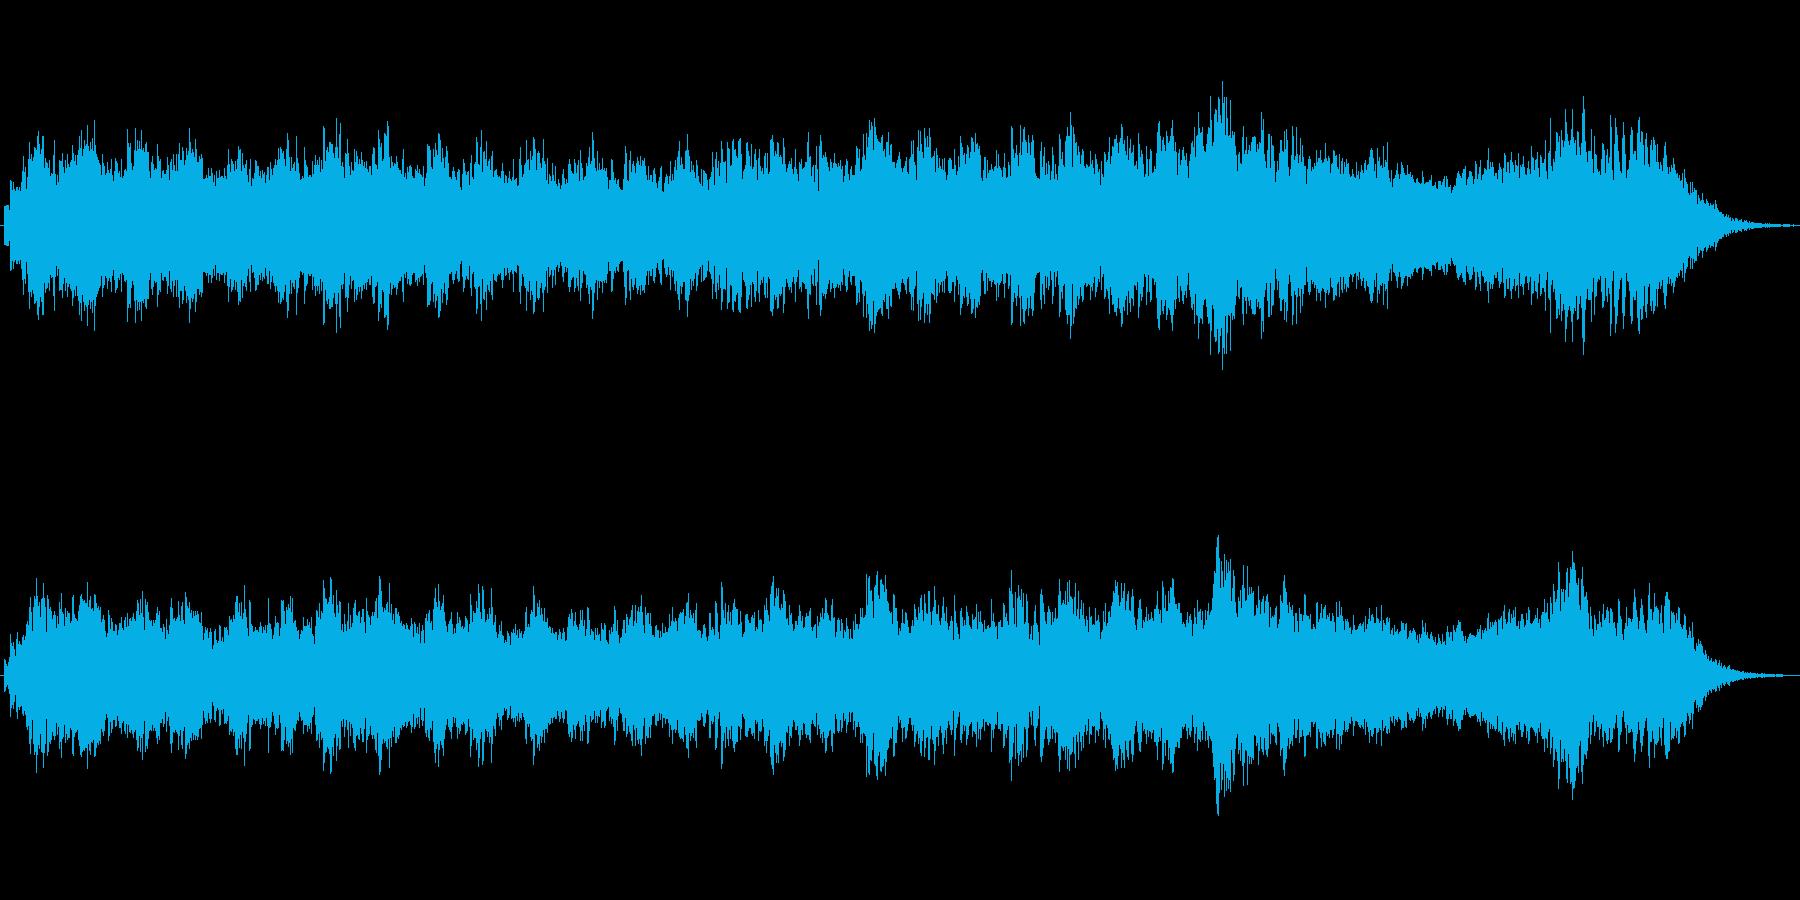 シンセベルによるメルヘンの世界のジングルの再生済みの波形